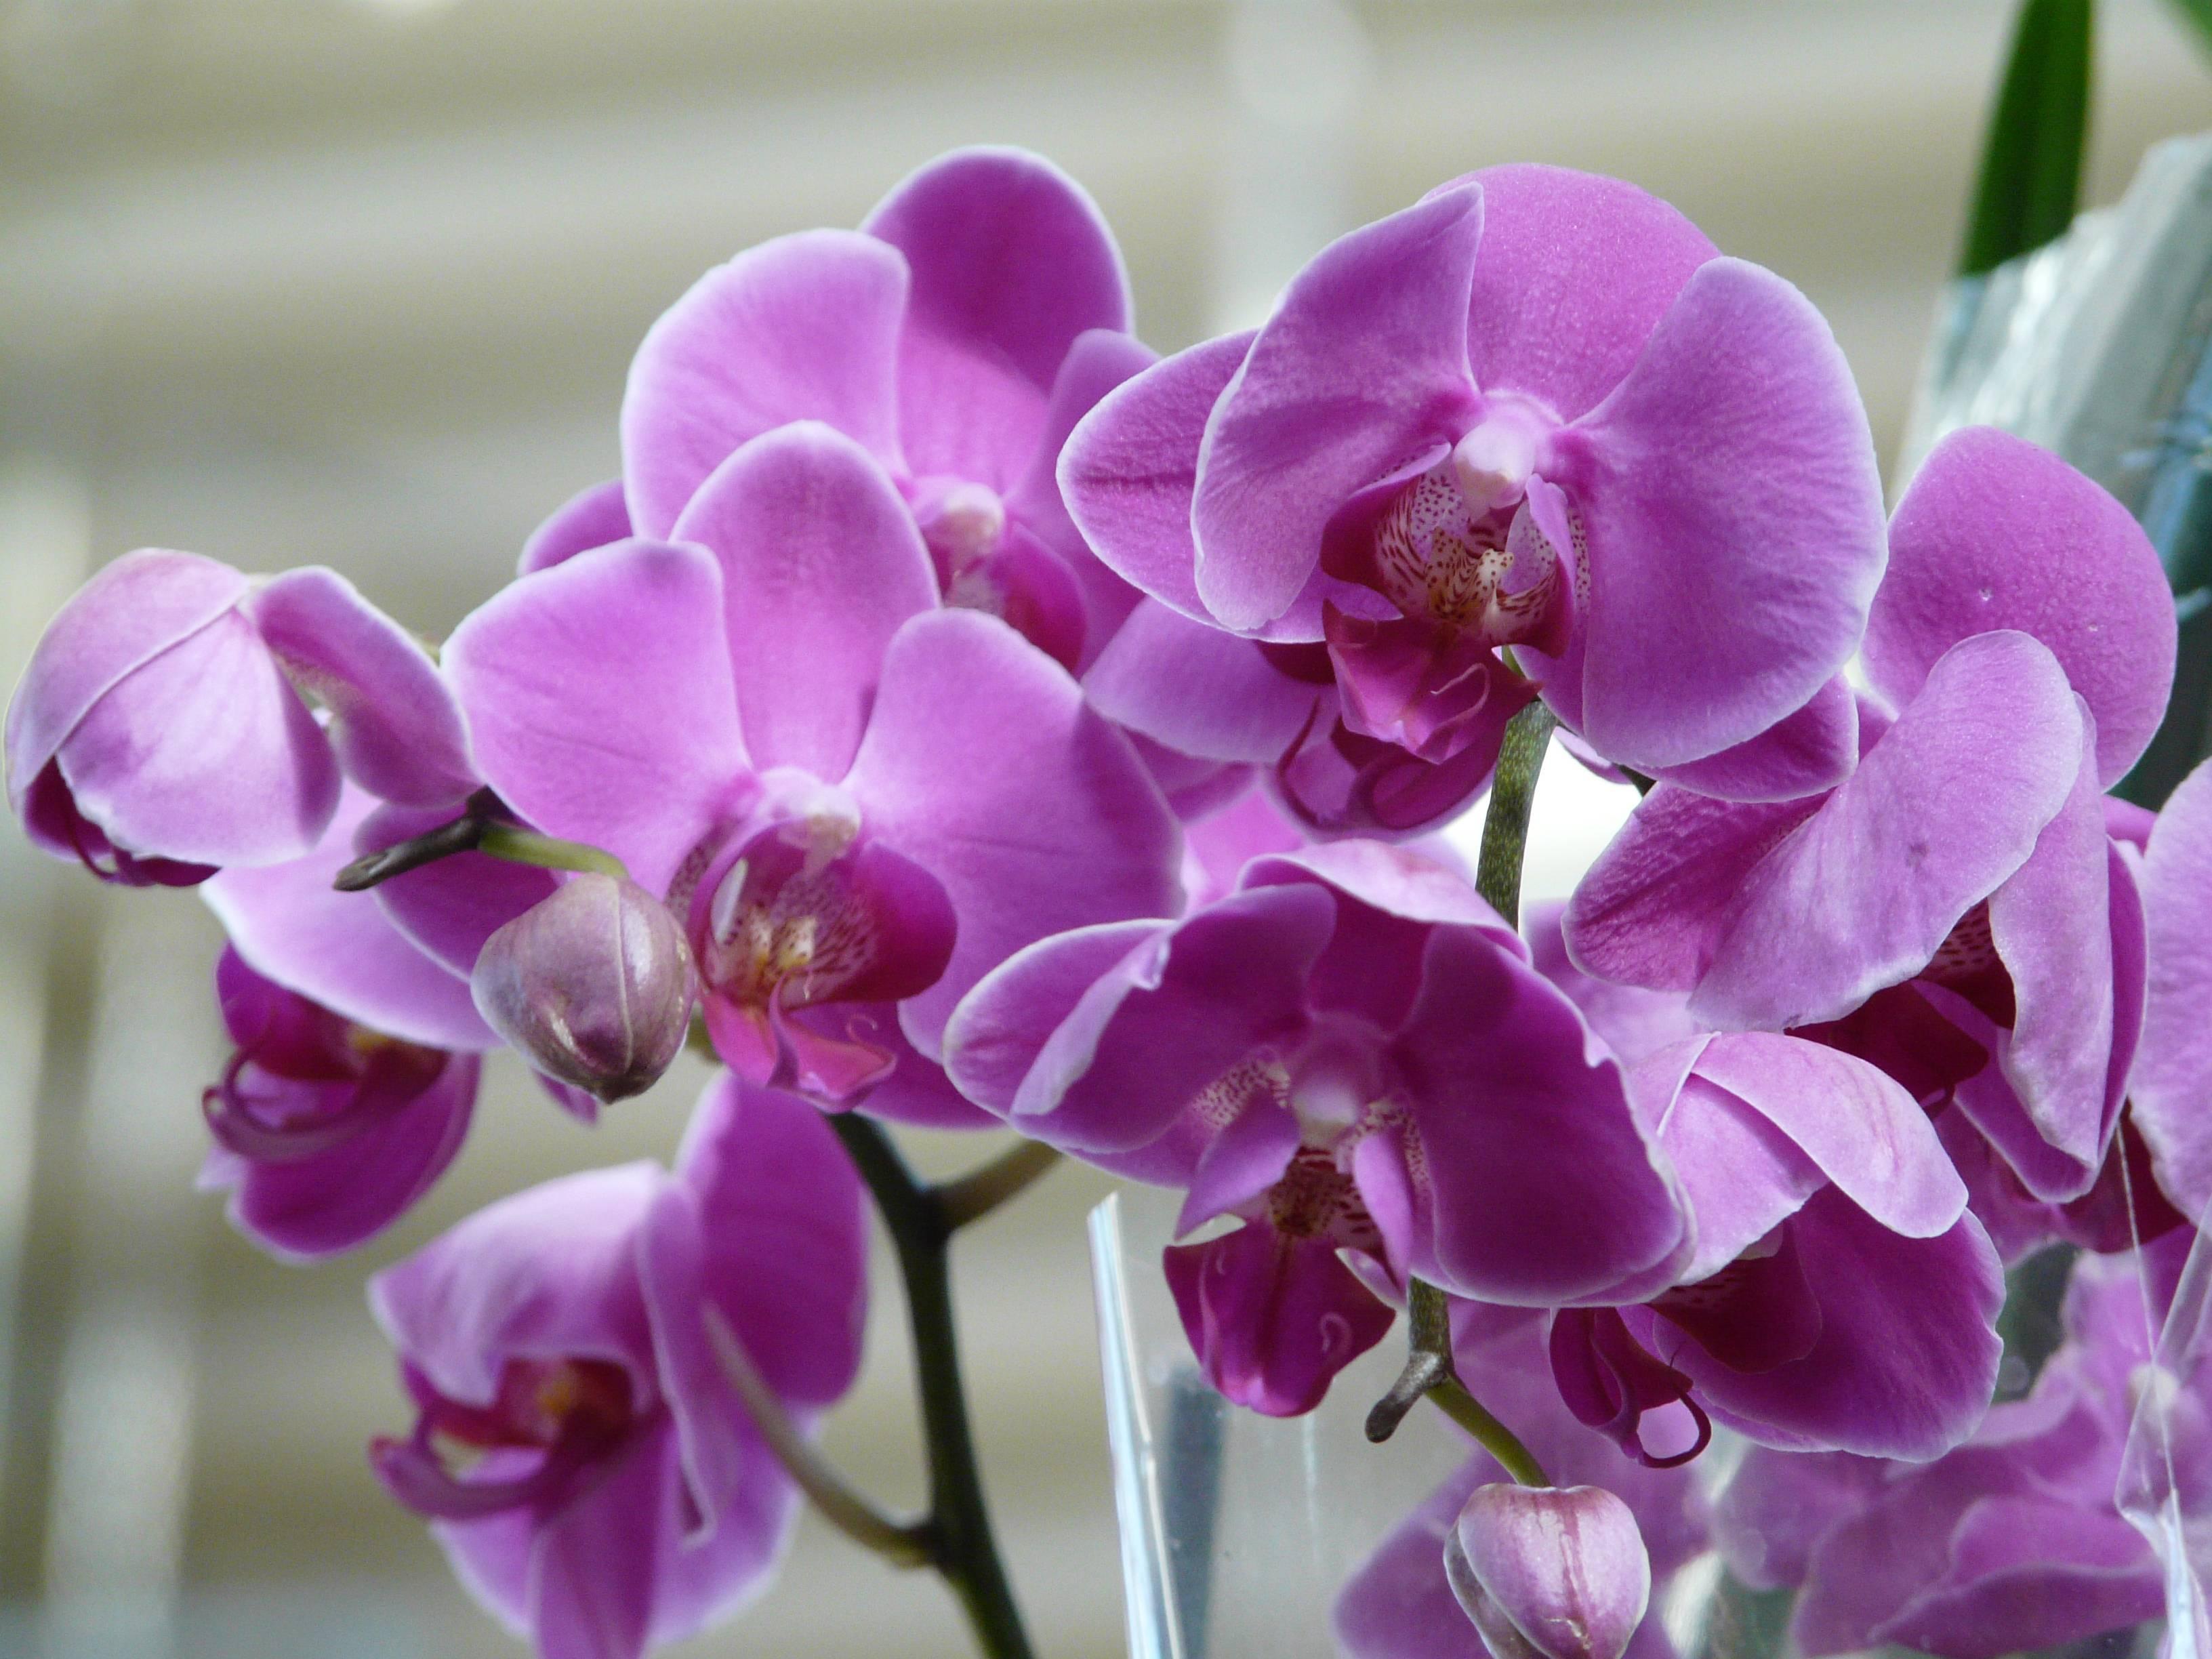 Удобрение для орхидей: подкормка для цветения в домашних условиях